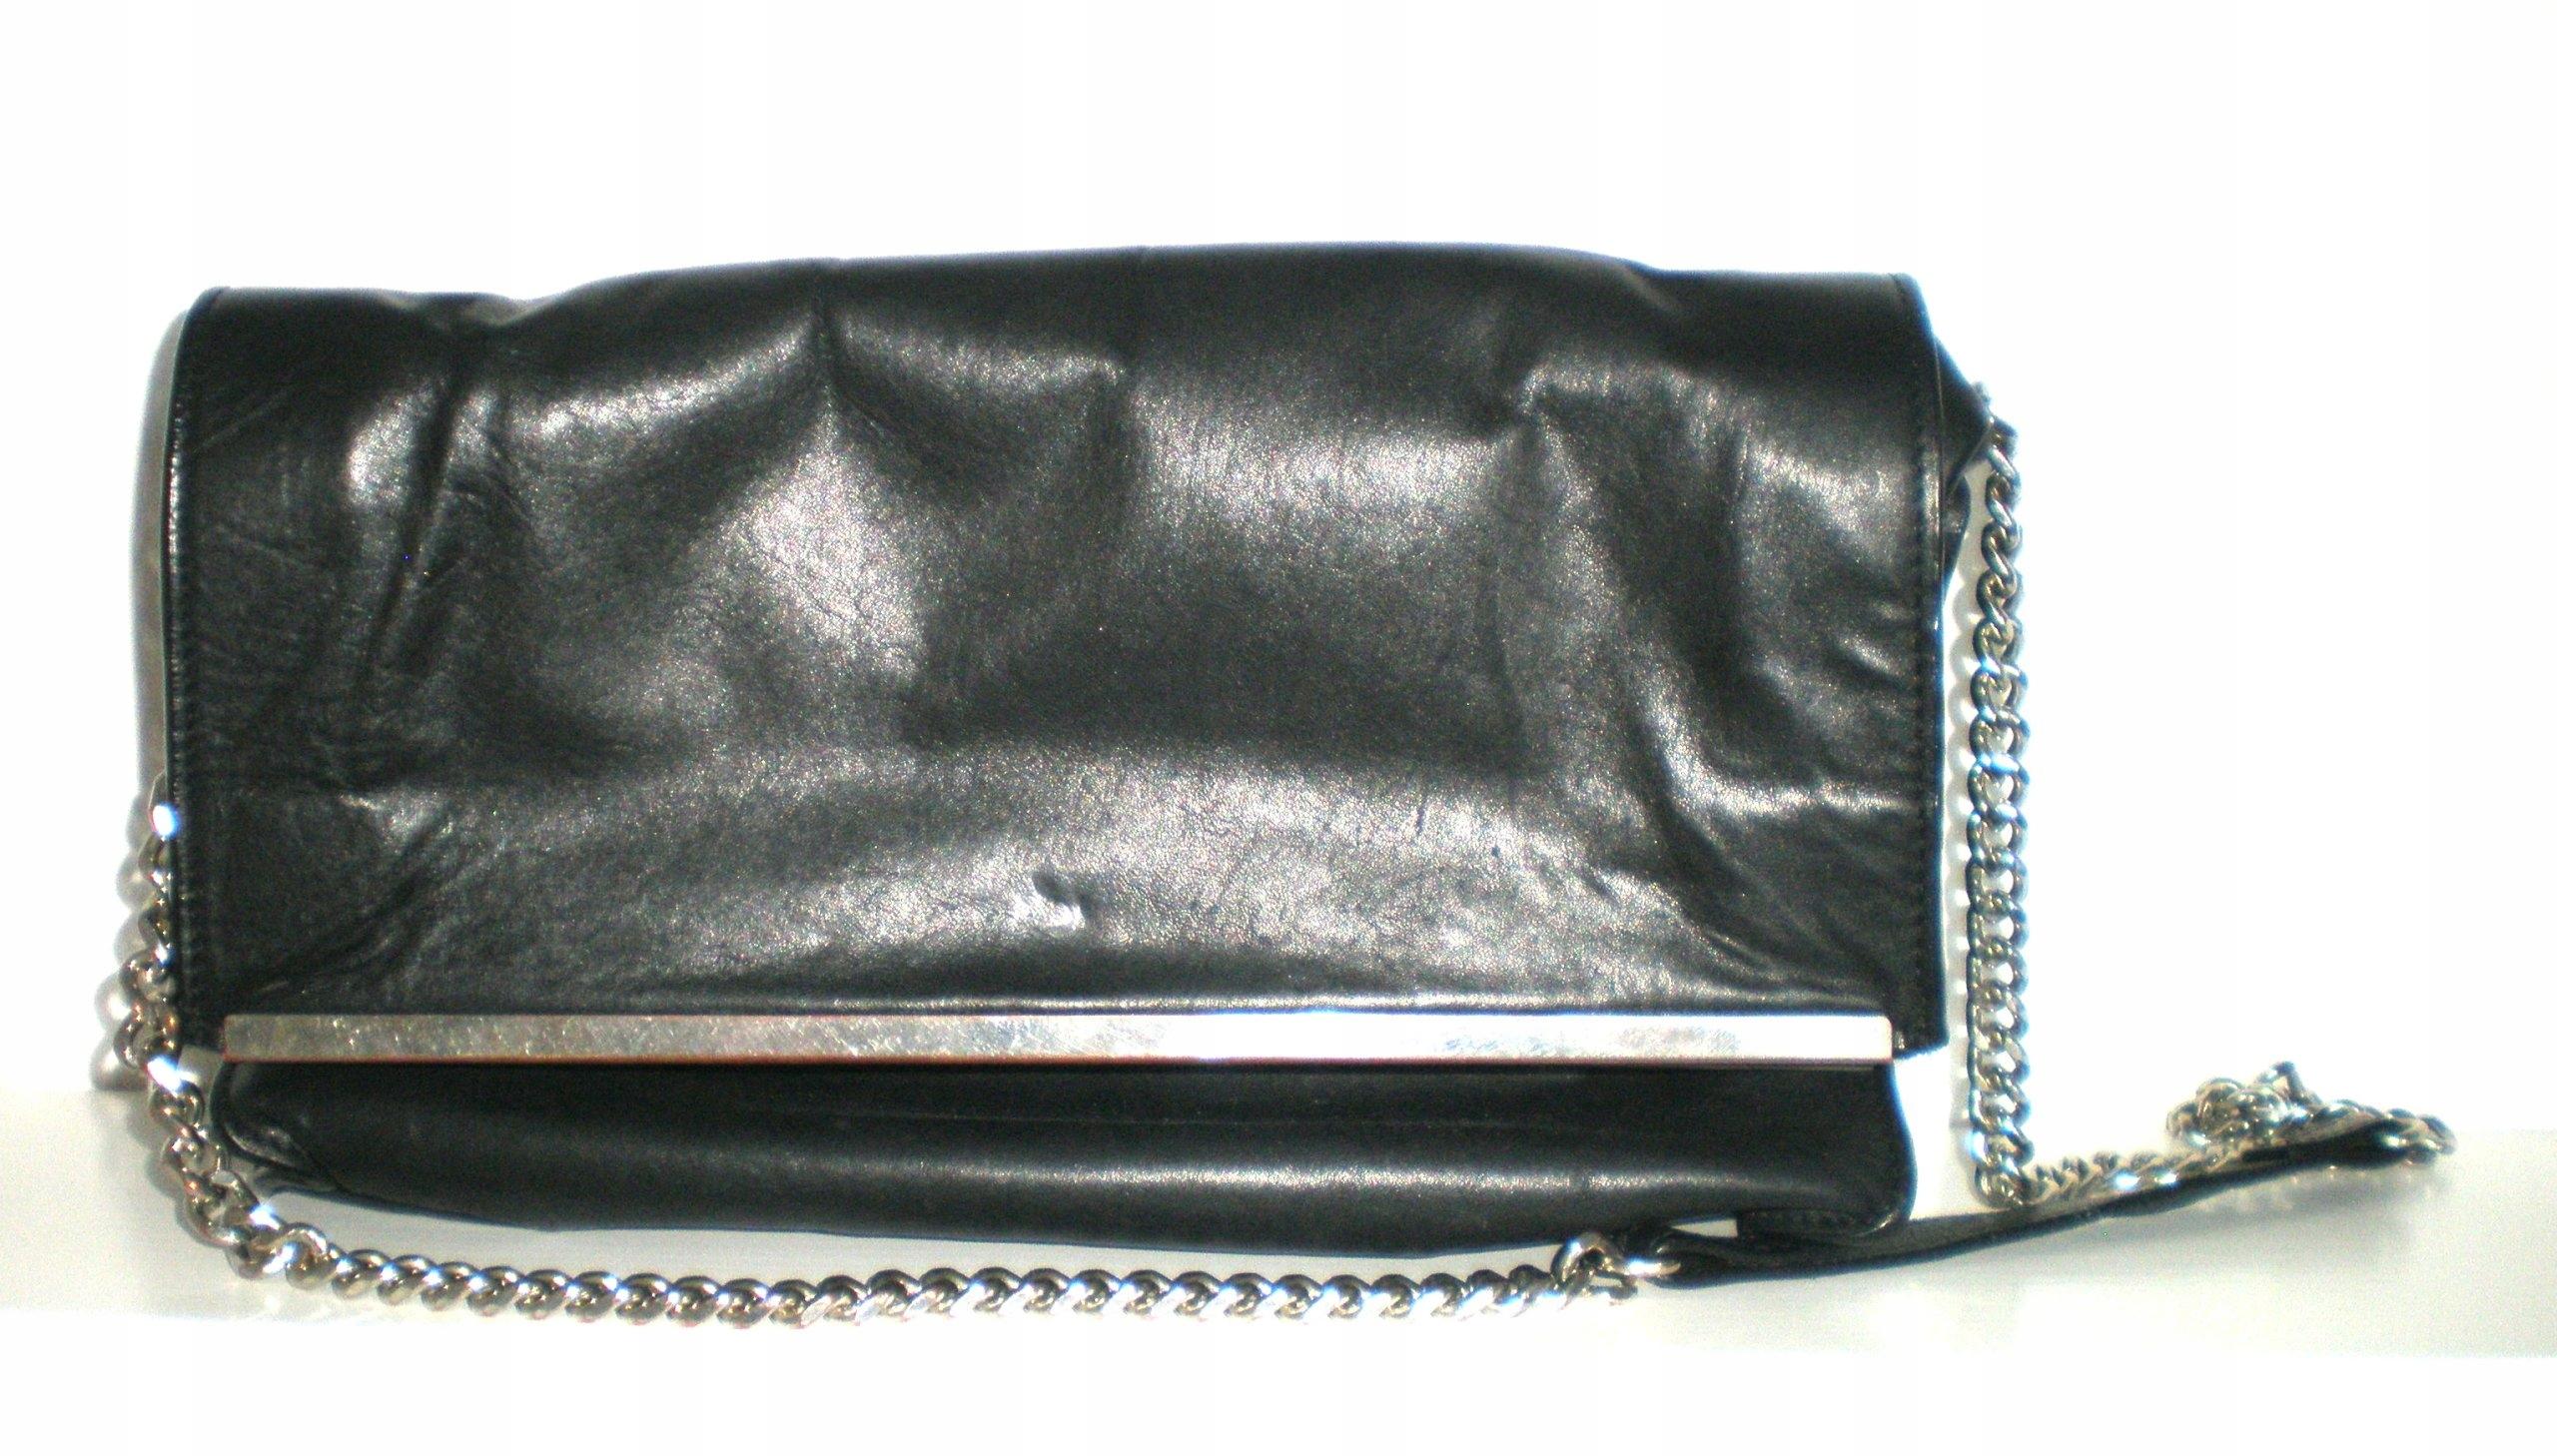 dd87349883b7b czarna skórzana torebka na łańcuszku ZARA WOMAN - 7554578704 ...